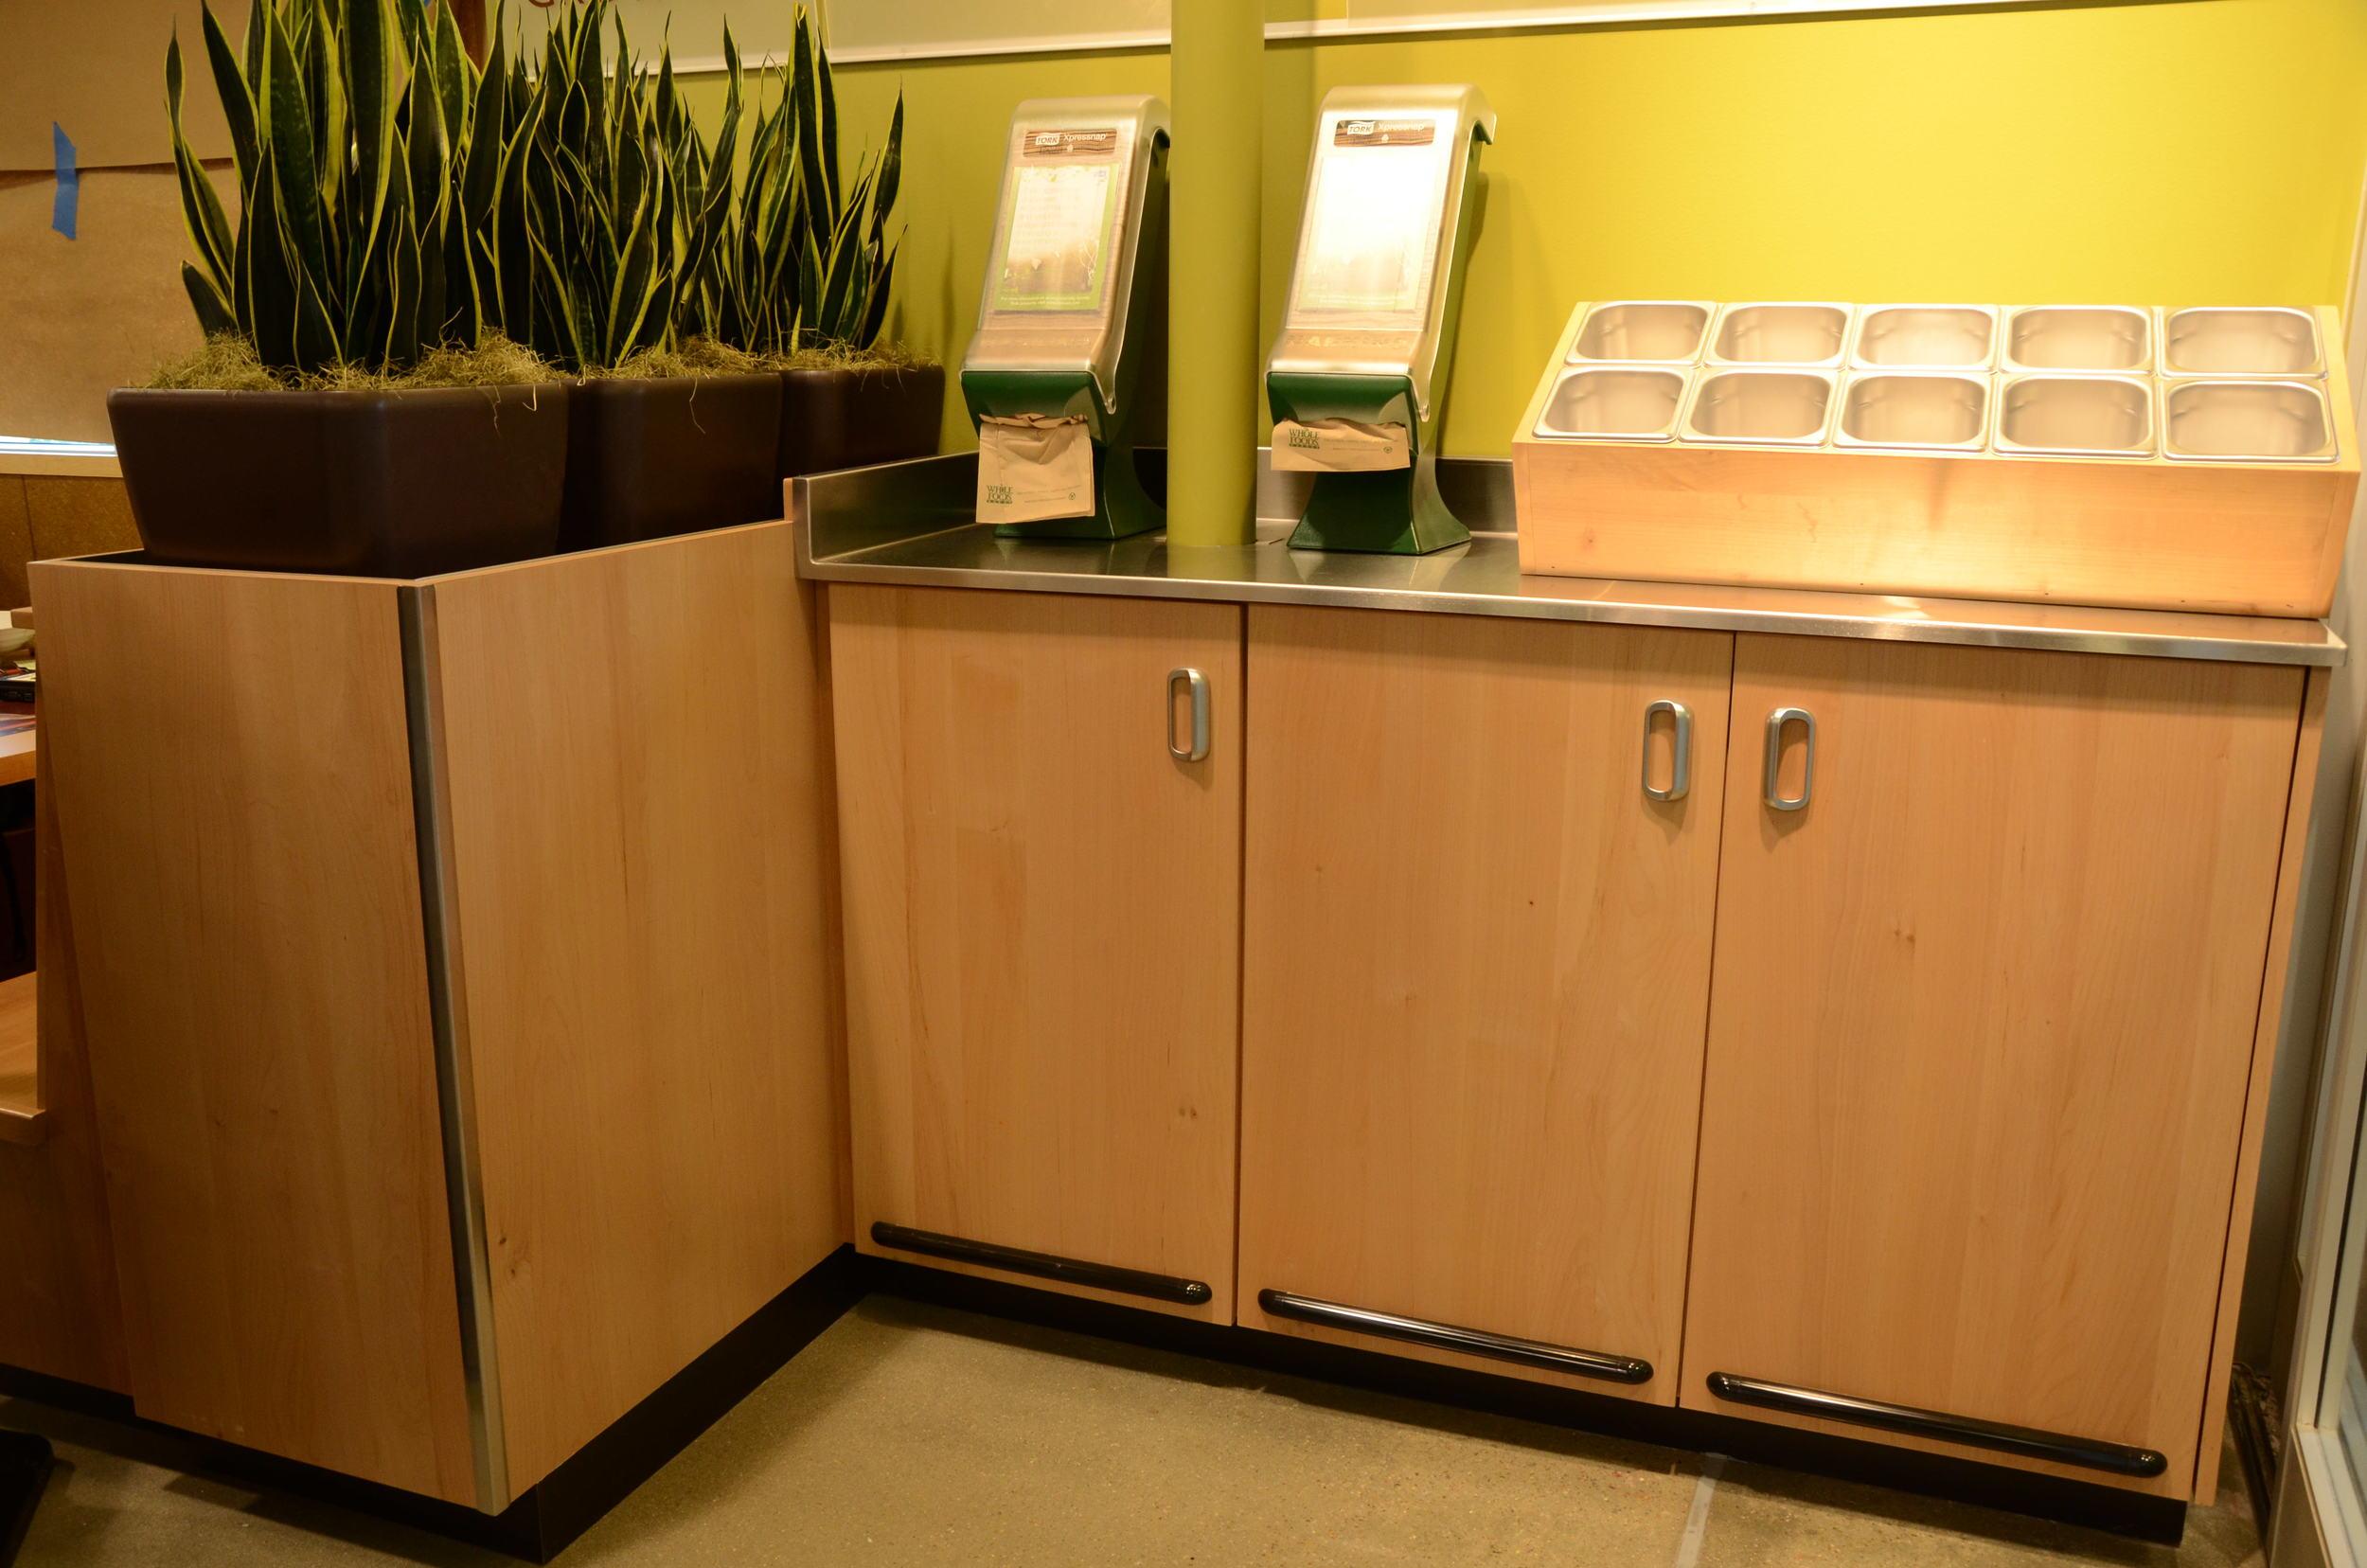 Whole Foods NC 023.JPG